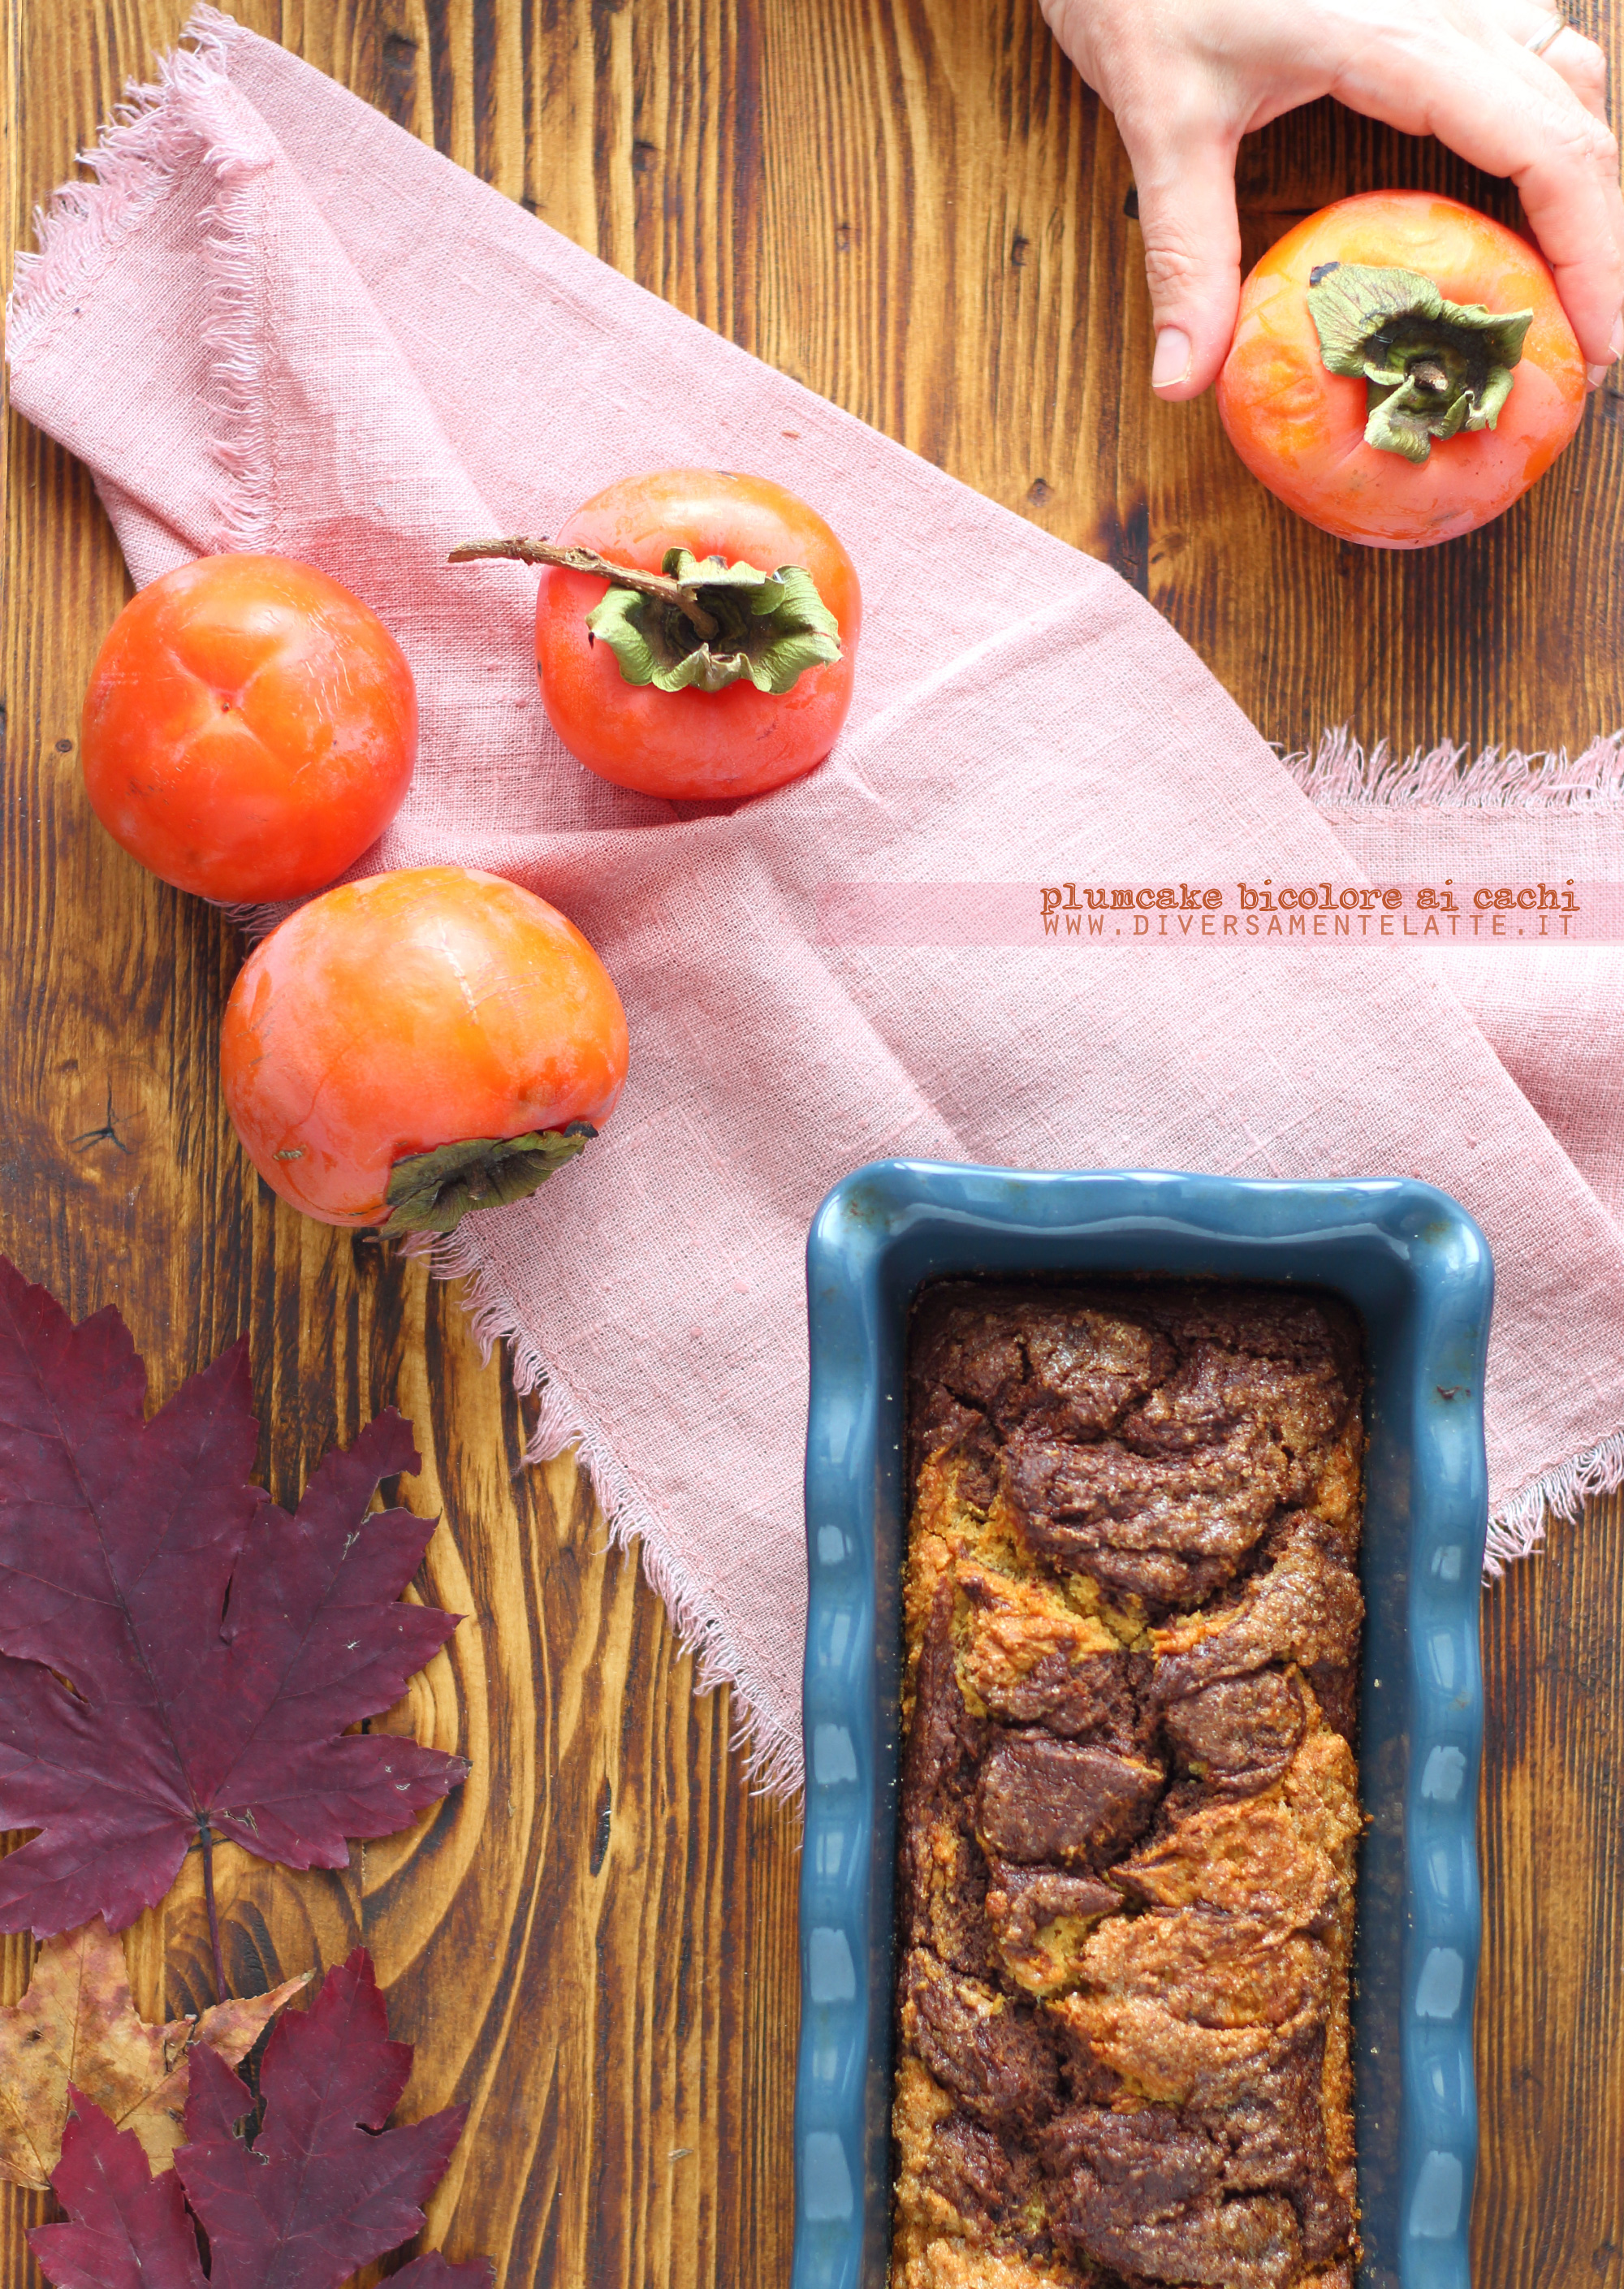 plumcake bicolore ai cachi senza lattosio